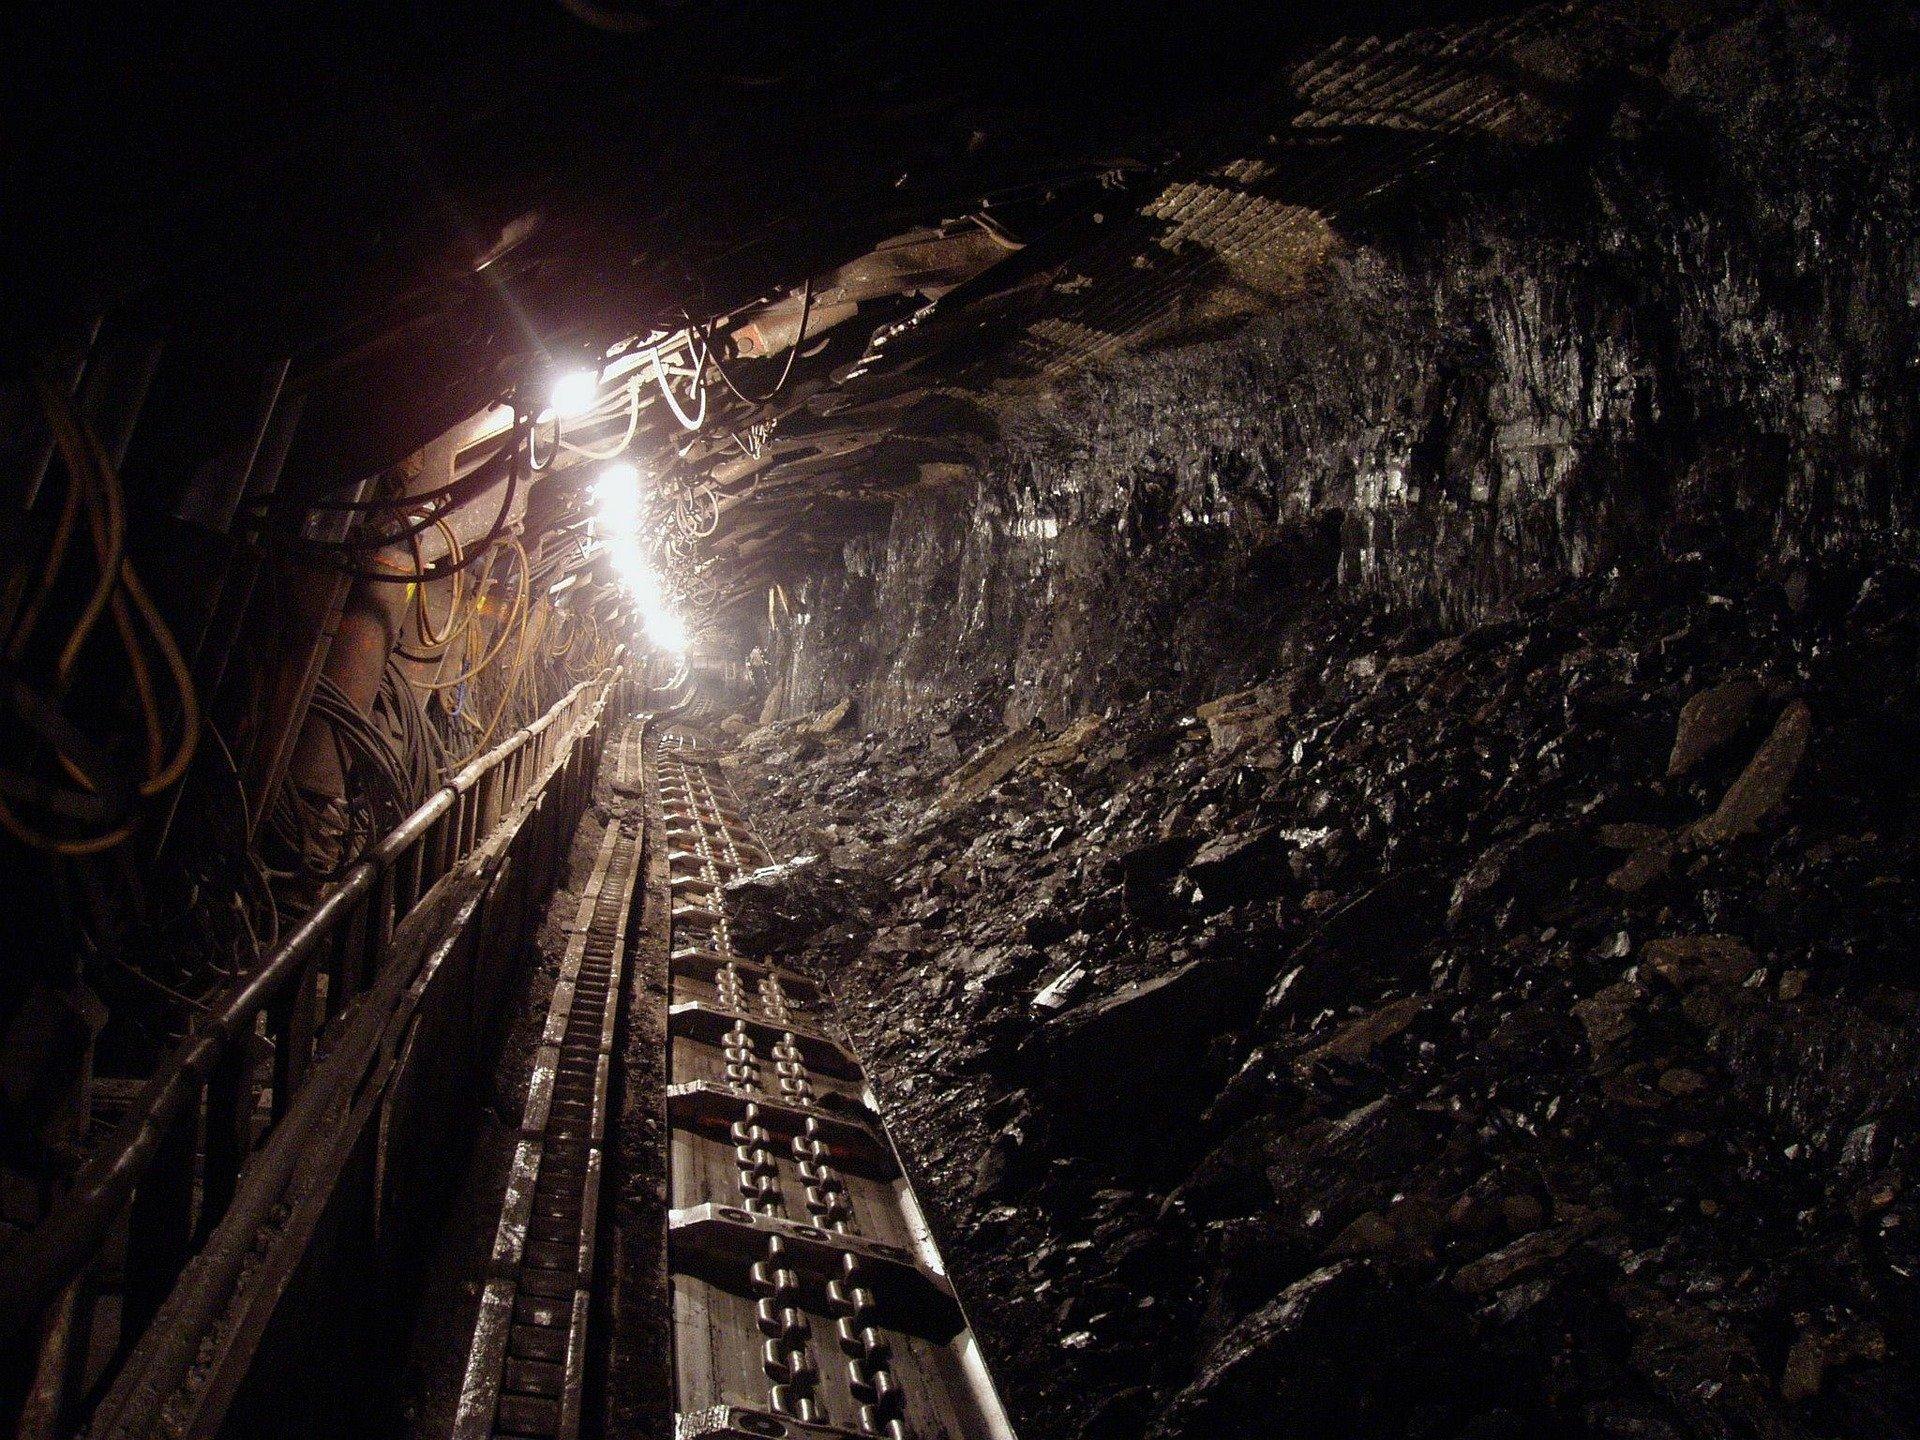 Рекордное закрытие угольных станций на Западе компенсируется угольным бумом в Китае